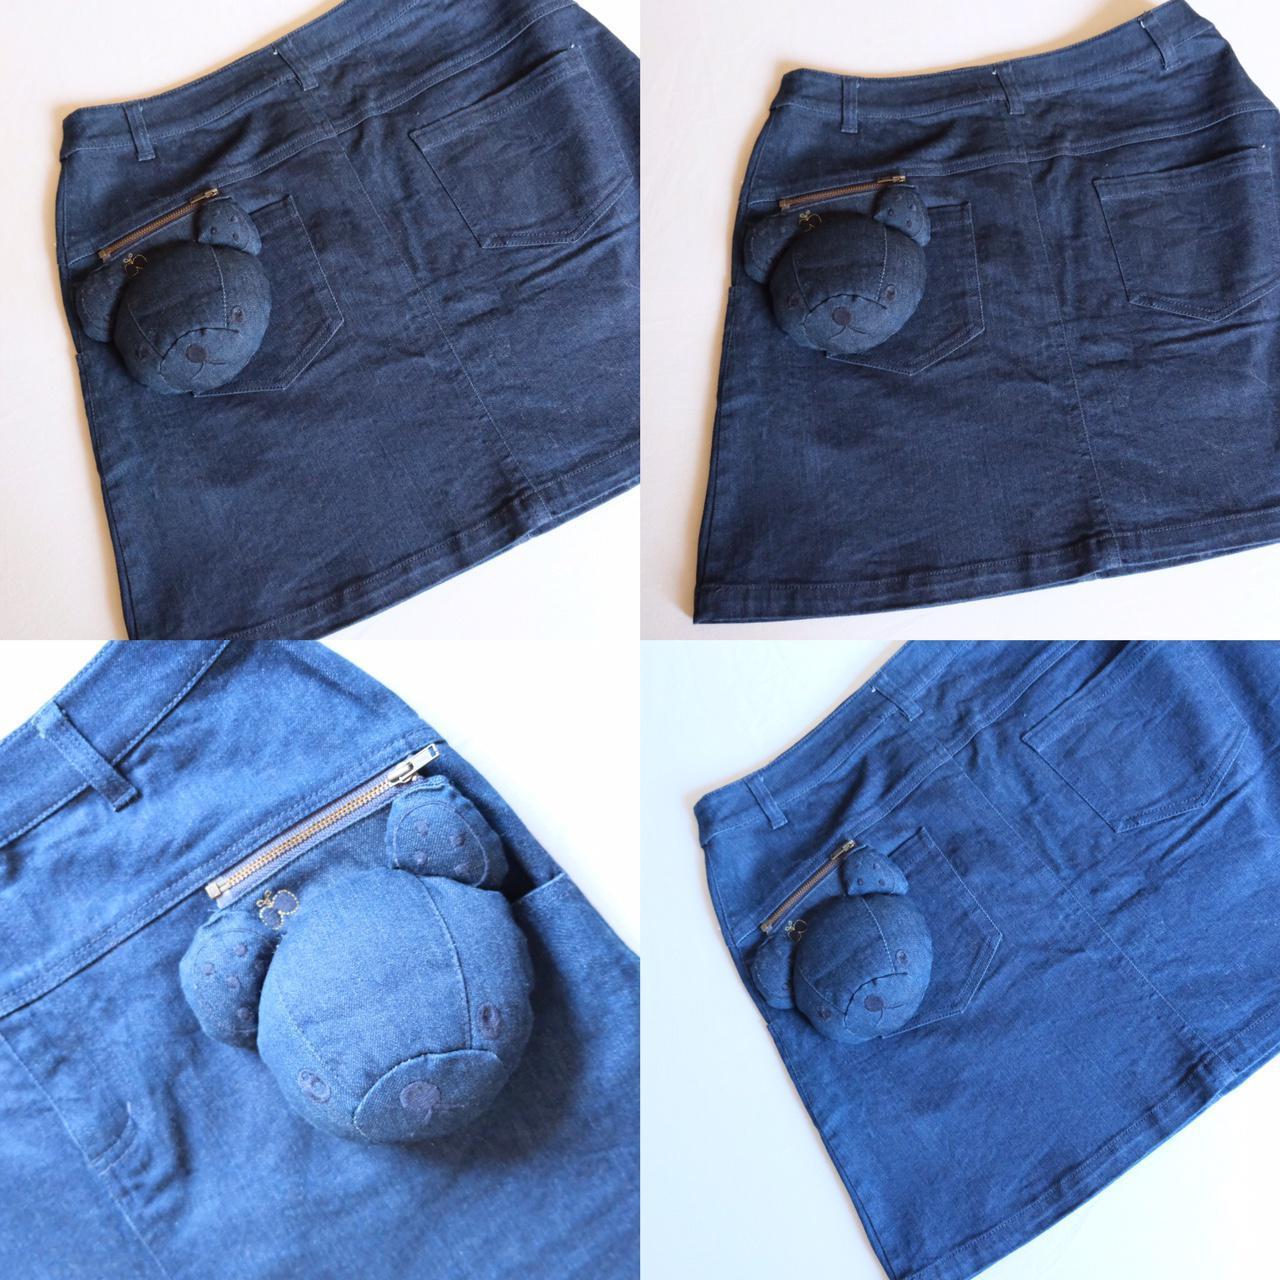 Product Image 1 - plush stuffed bear indigo denim